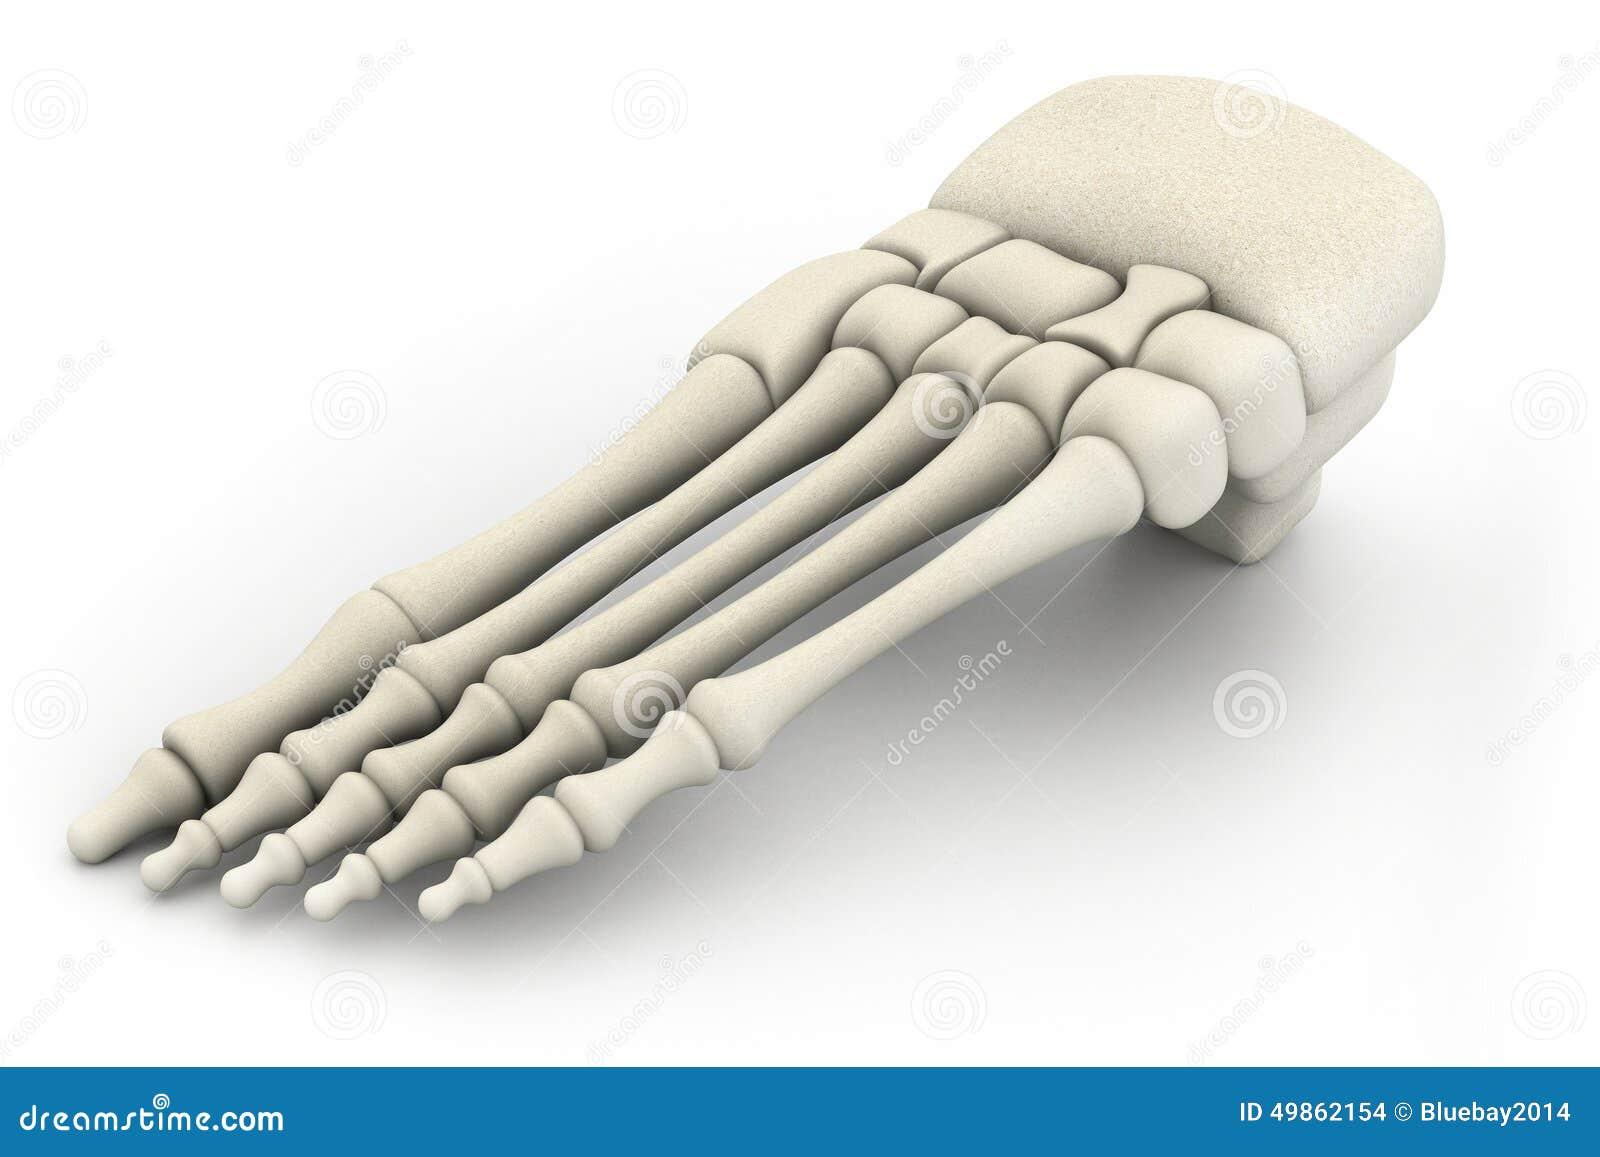 Menschliches Beinskelett stock abbildung. Illustration von ...